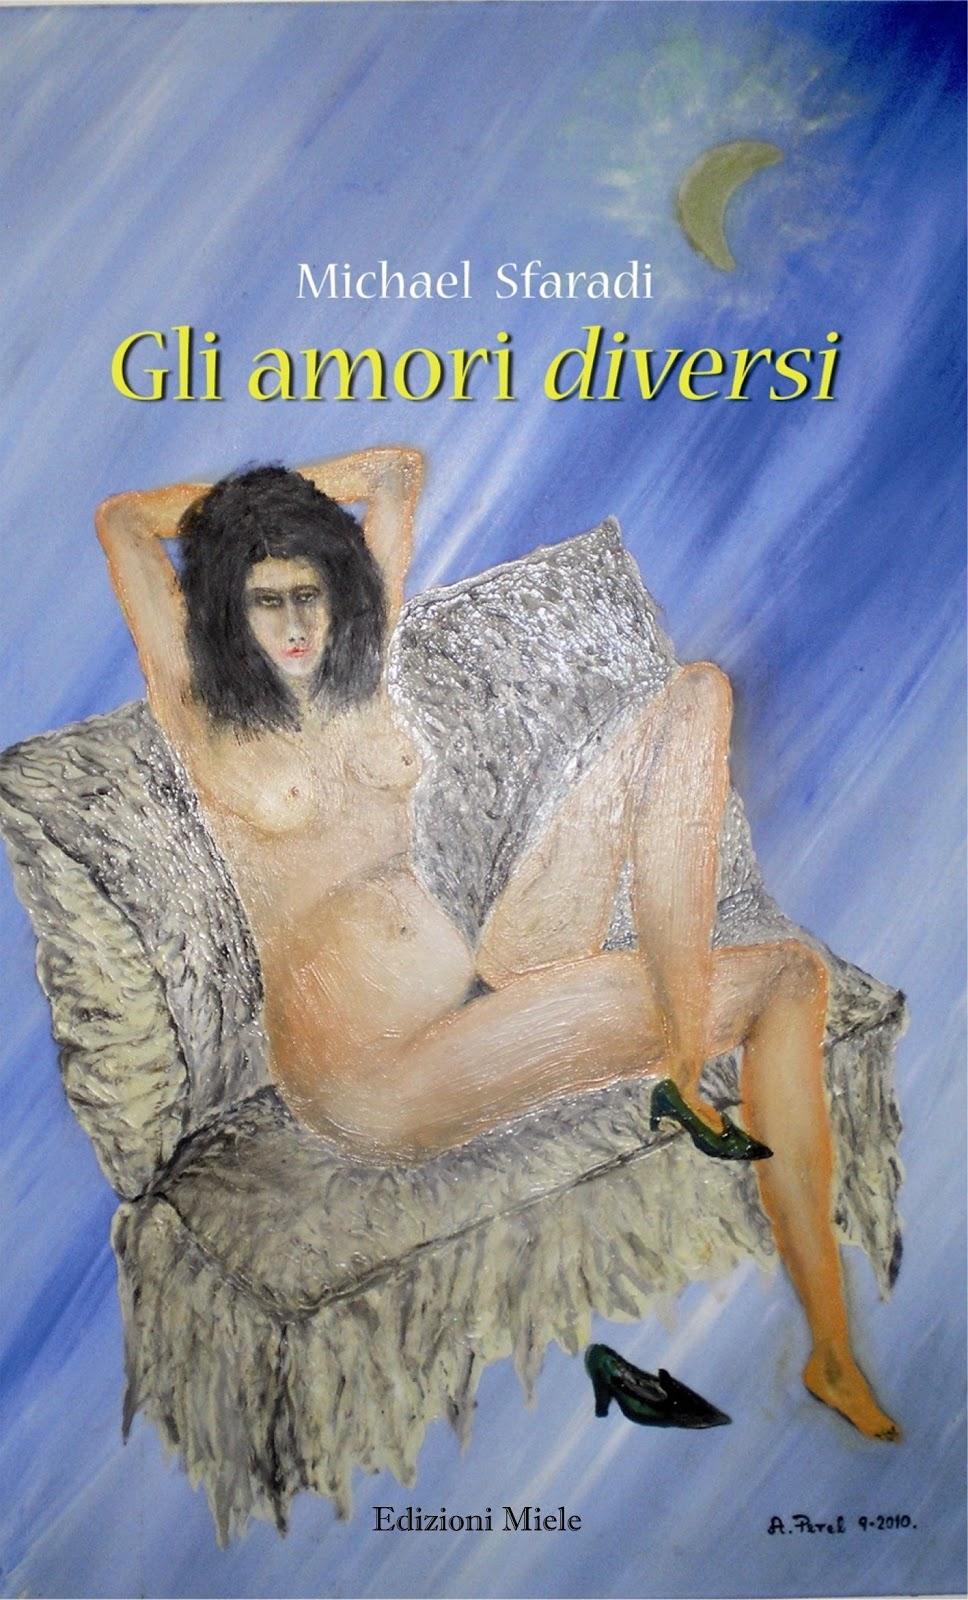 Ibu in fiera udine 2 e 3 marzo 2013 pad 9 libro gli - Amori diversi testo ...